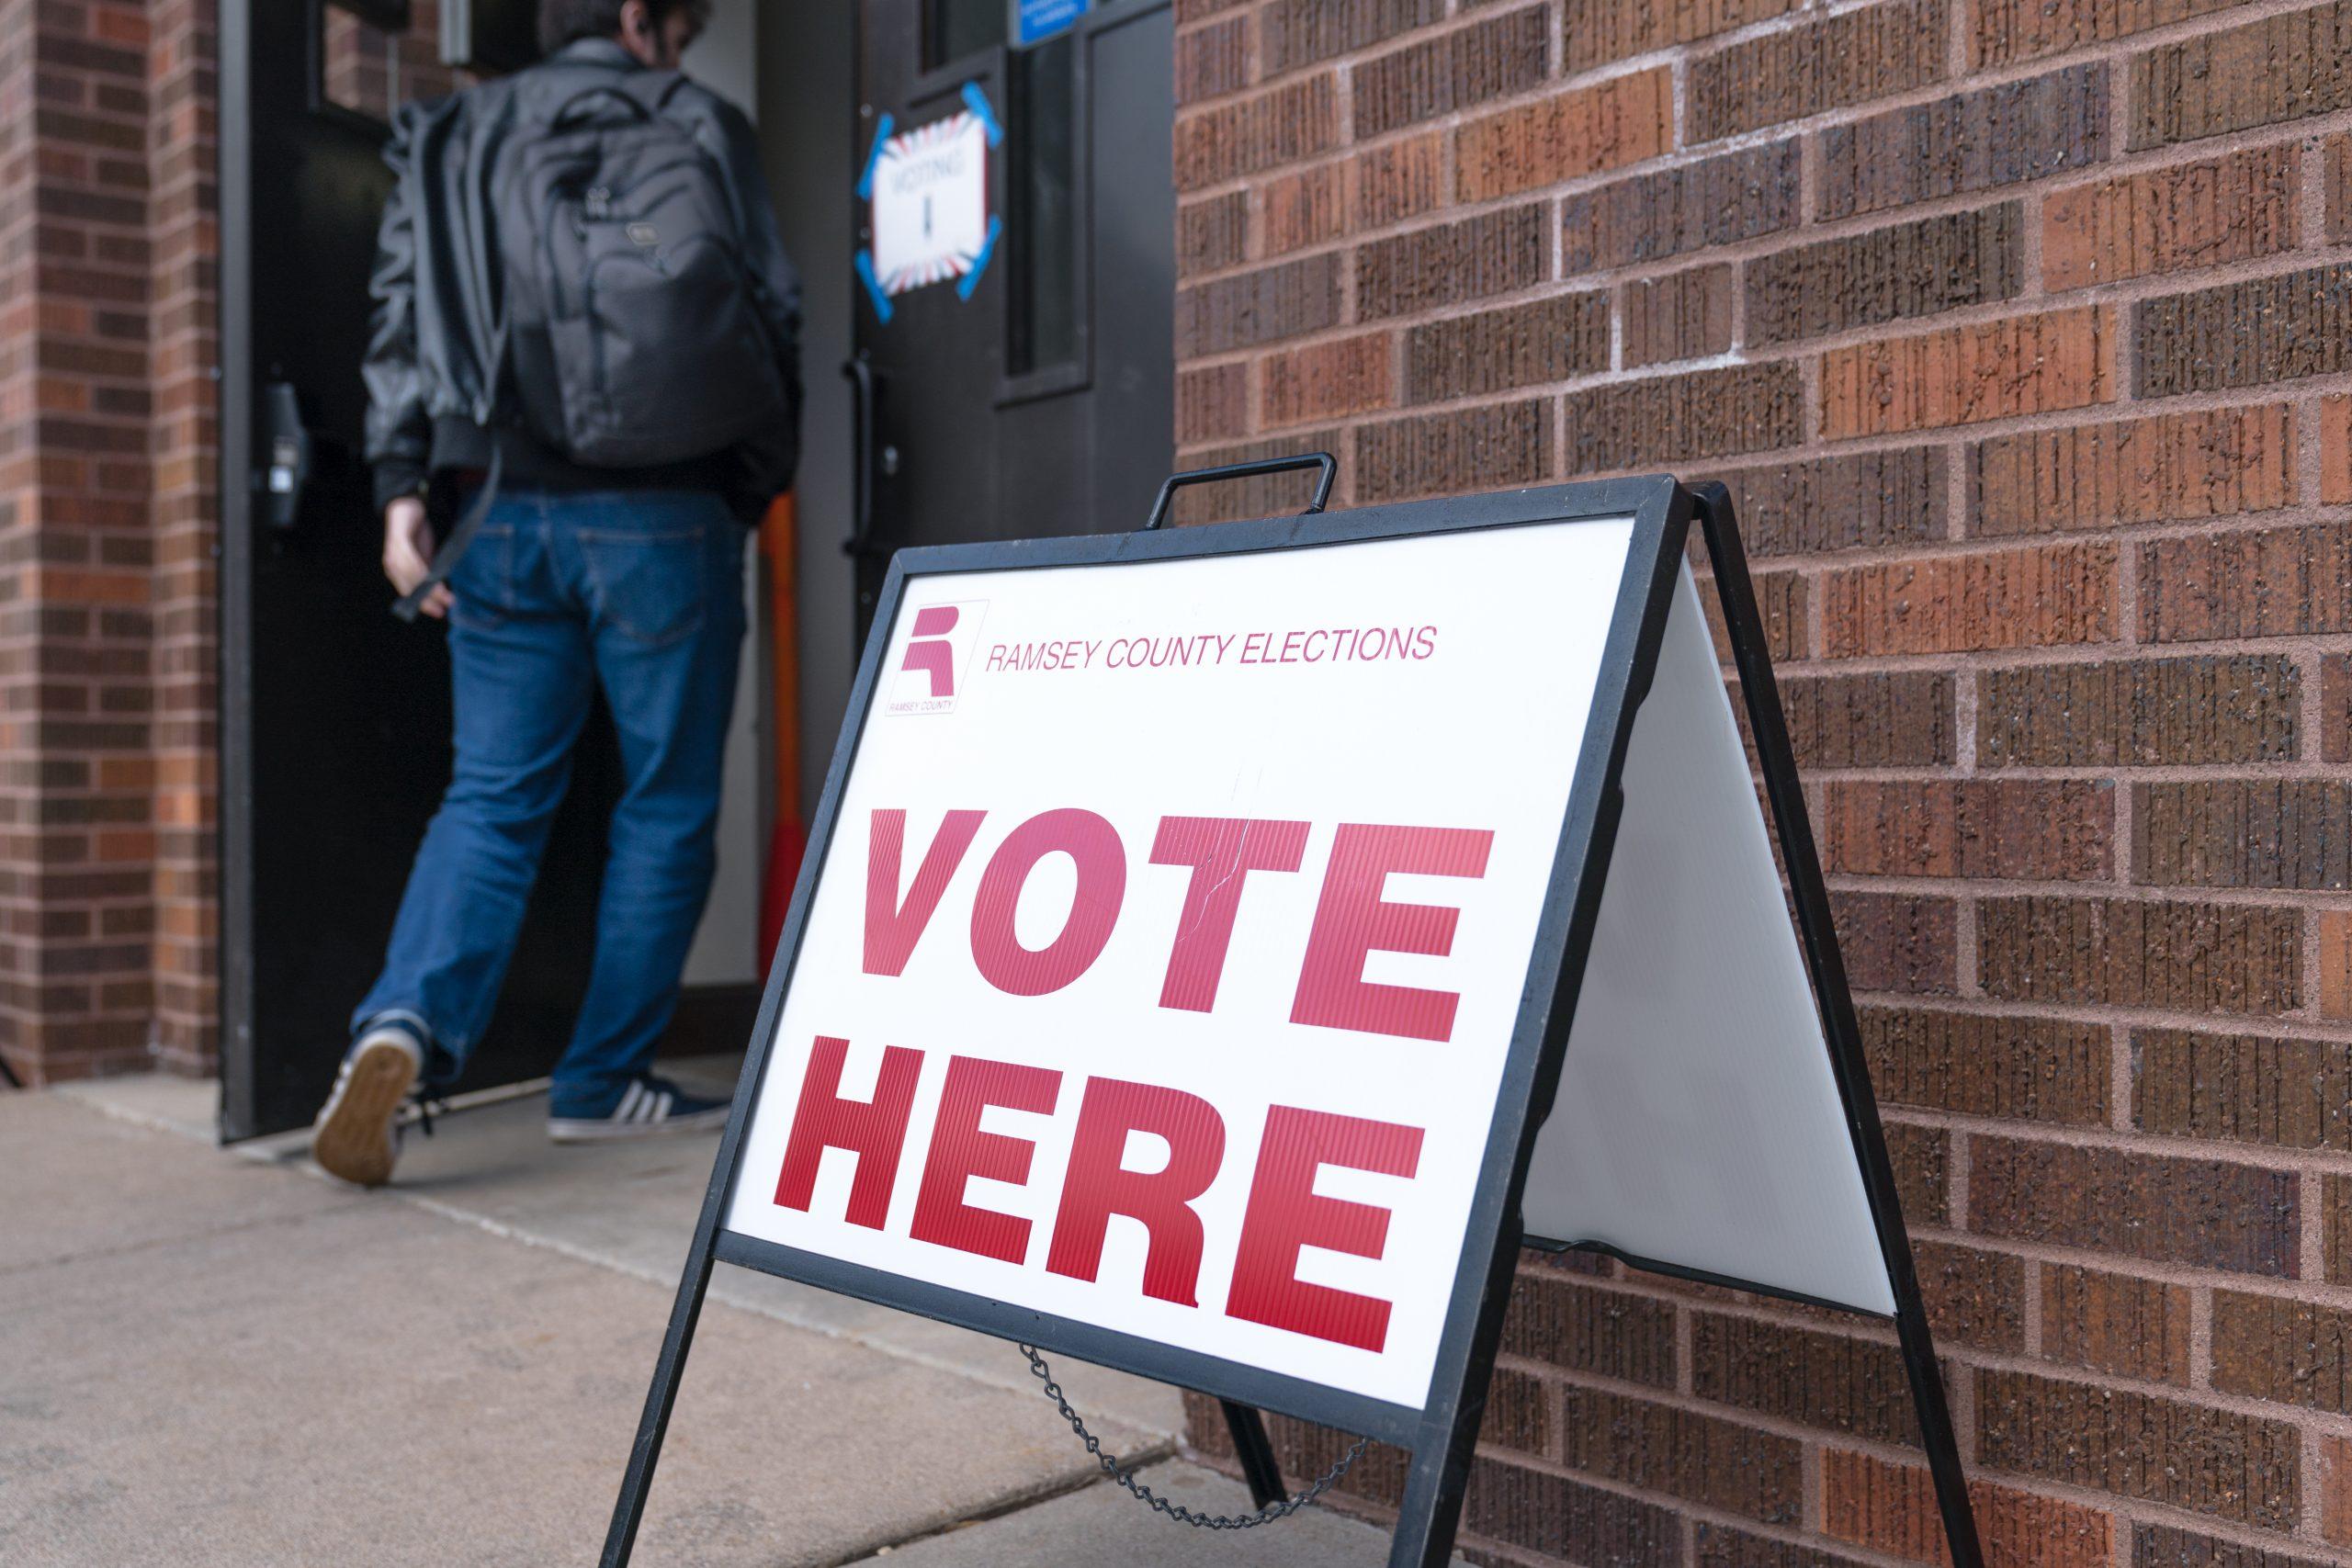 В российском даркнете раздают базу данных американских избирателей